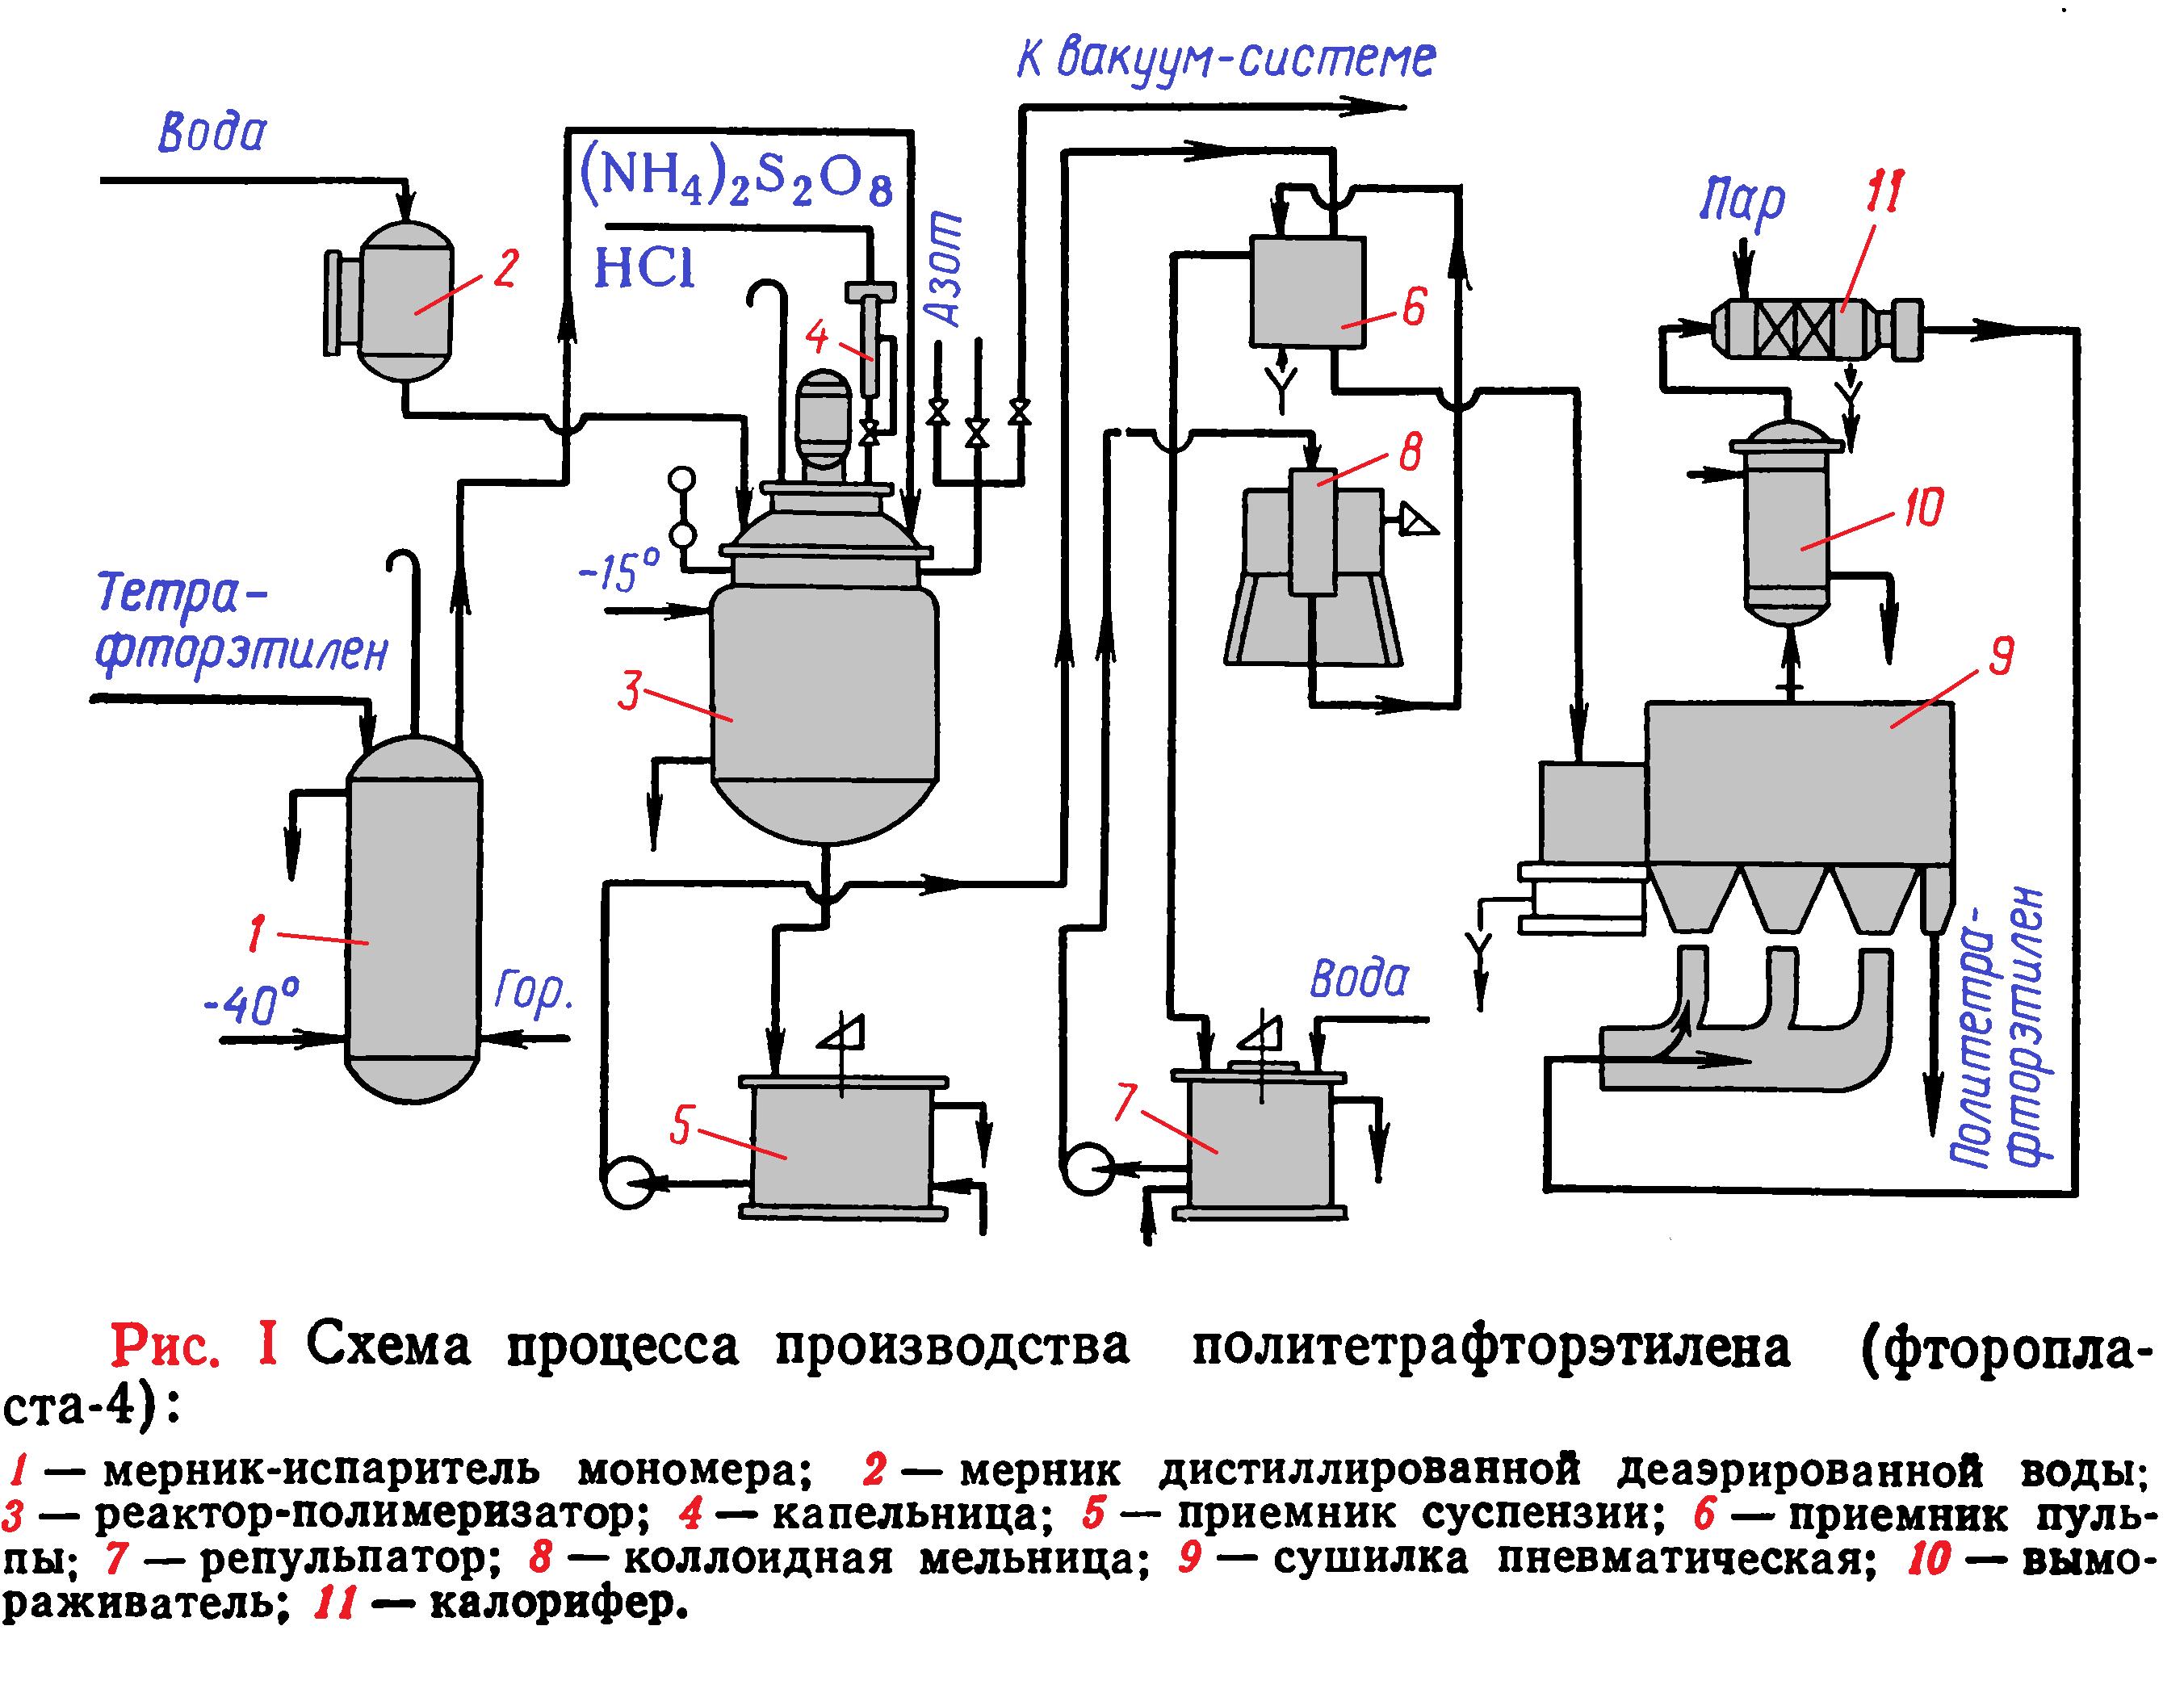 производство политетраторэтилена